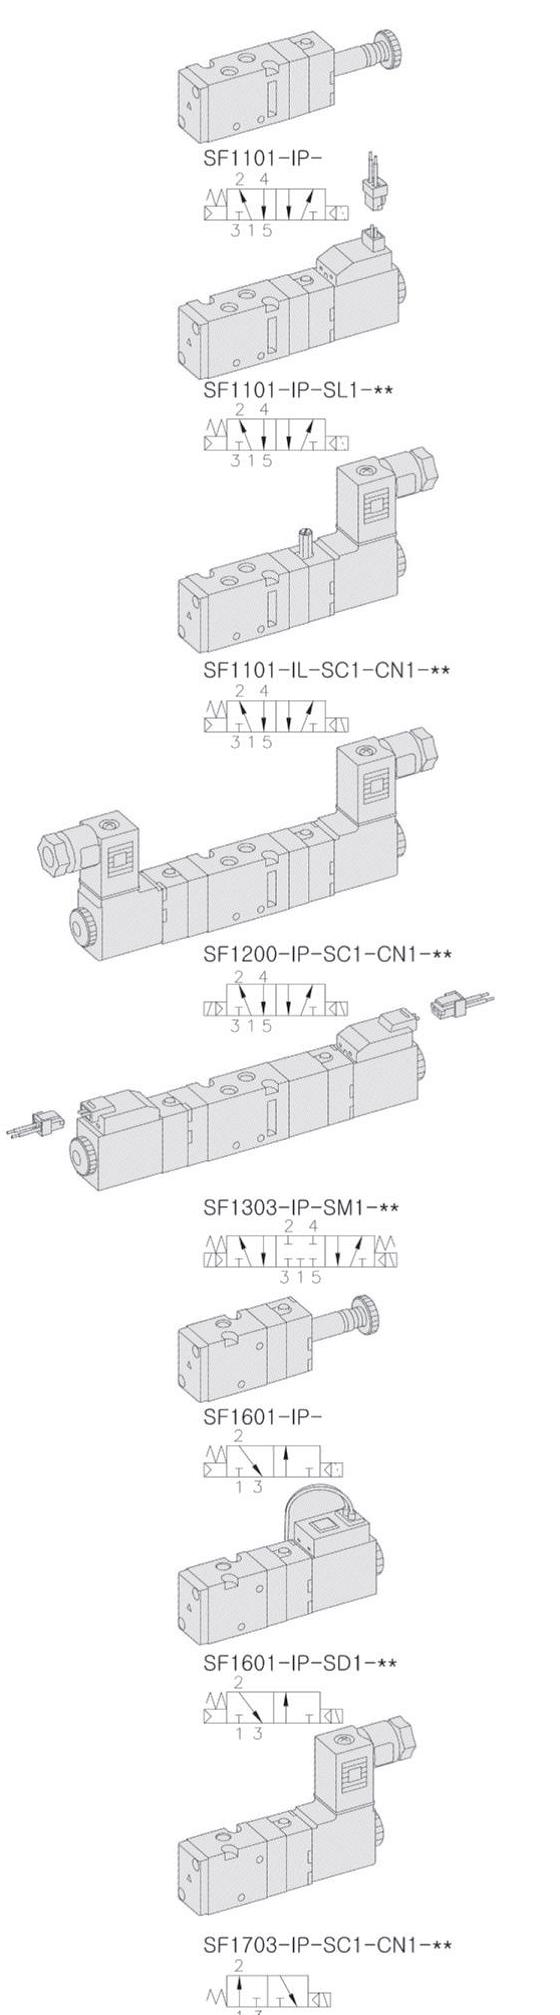 sf1000-symbol-1.png